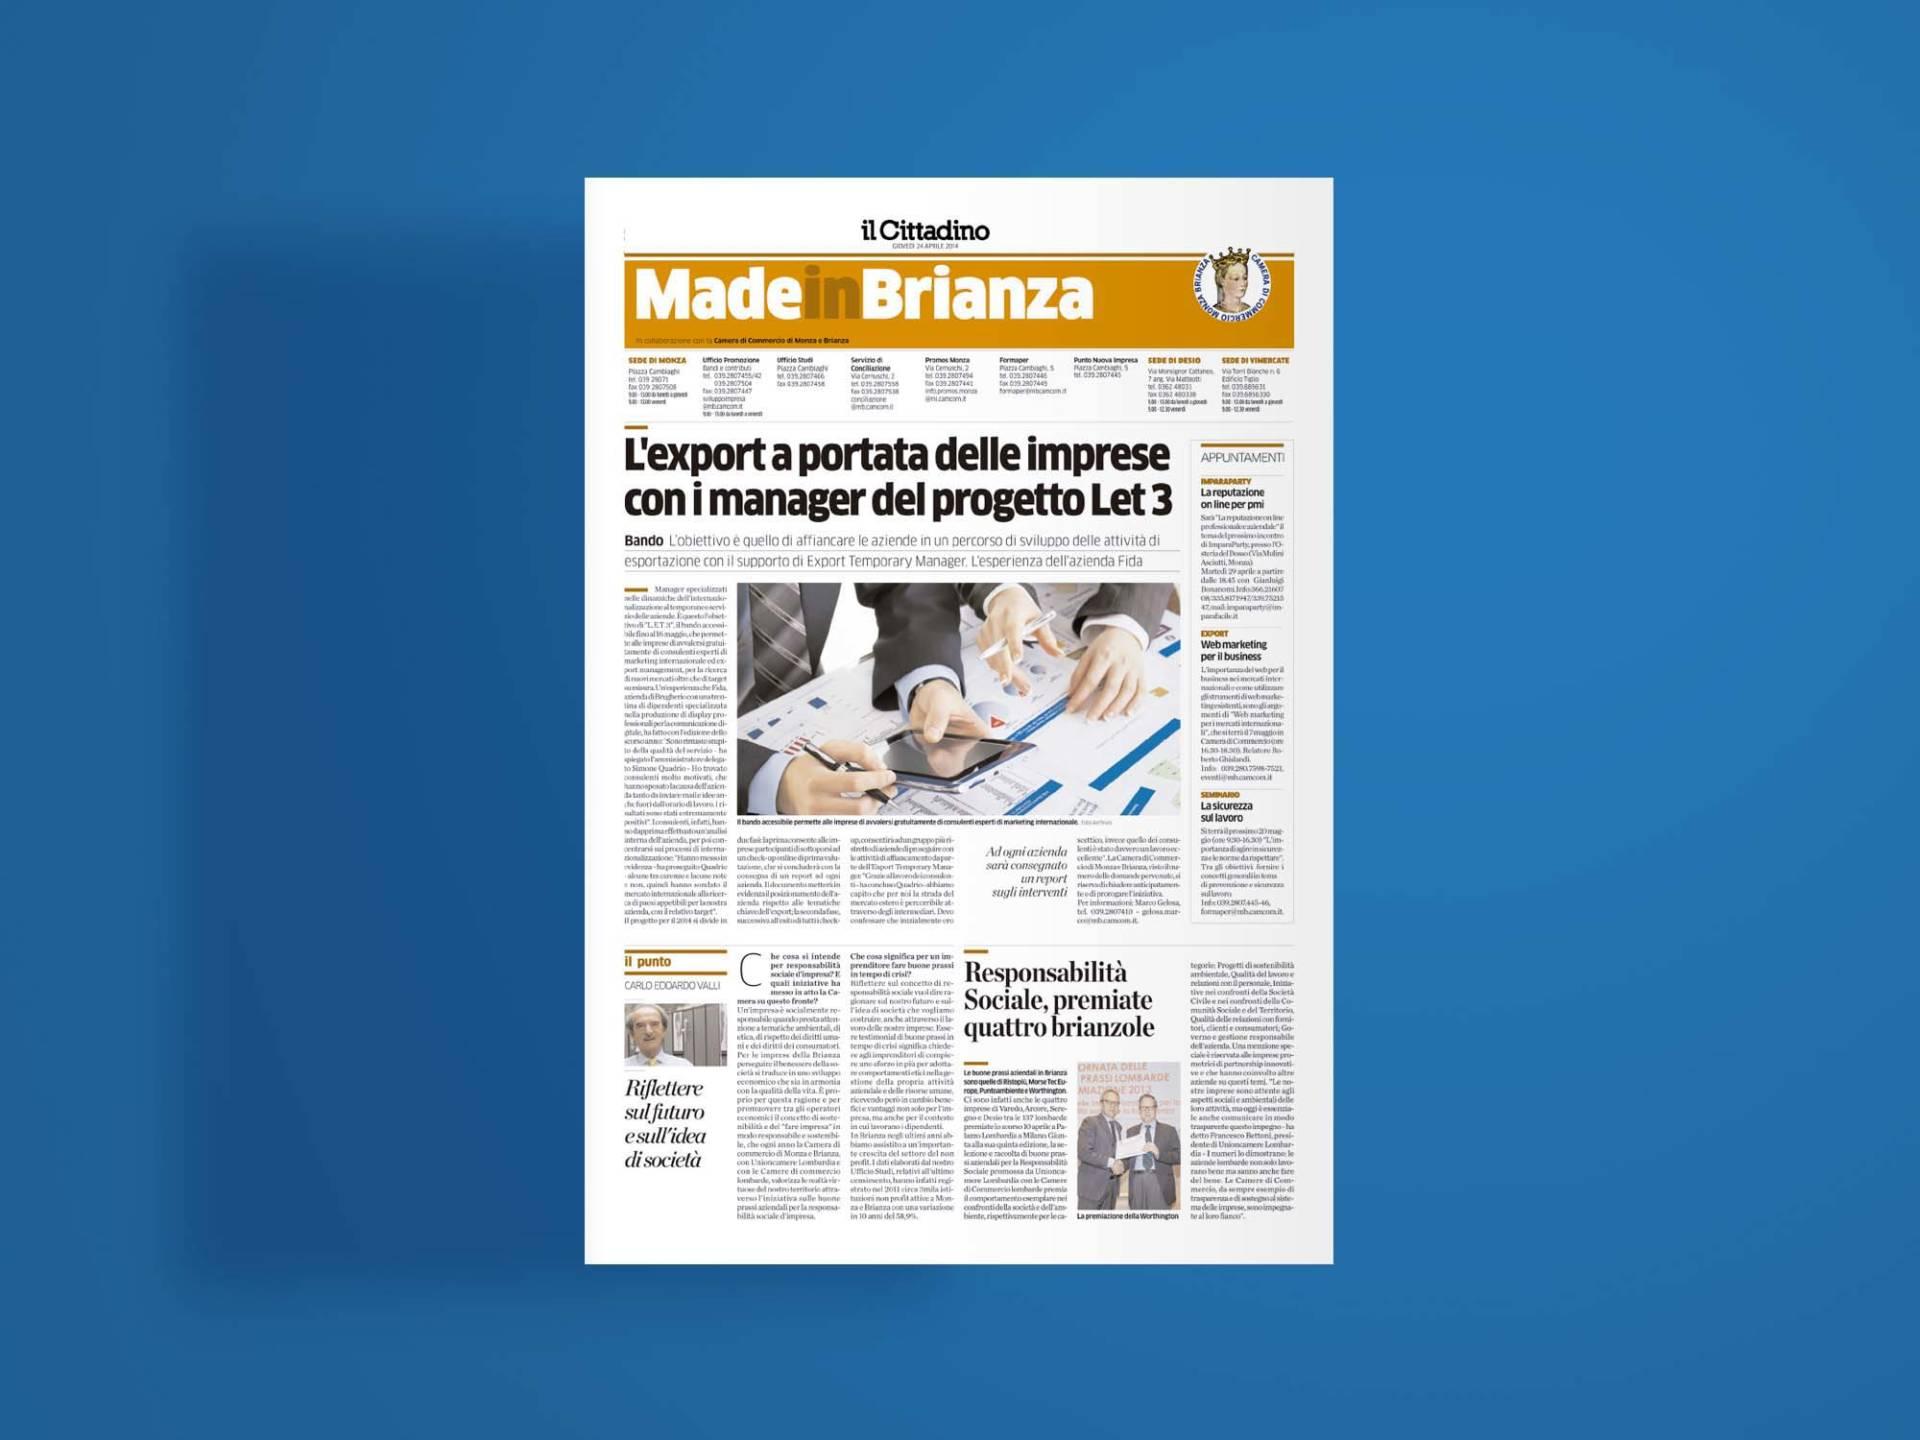 Il_Cittadino_di_Monza_e_Brianza_06_Wenceslau_News_Design